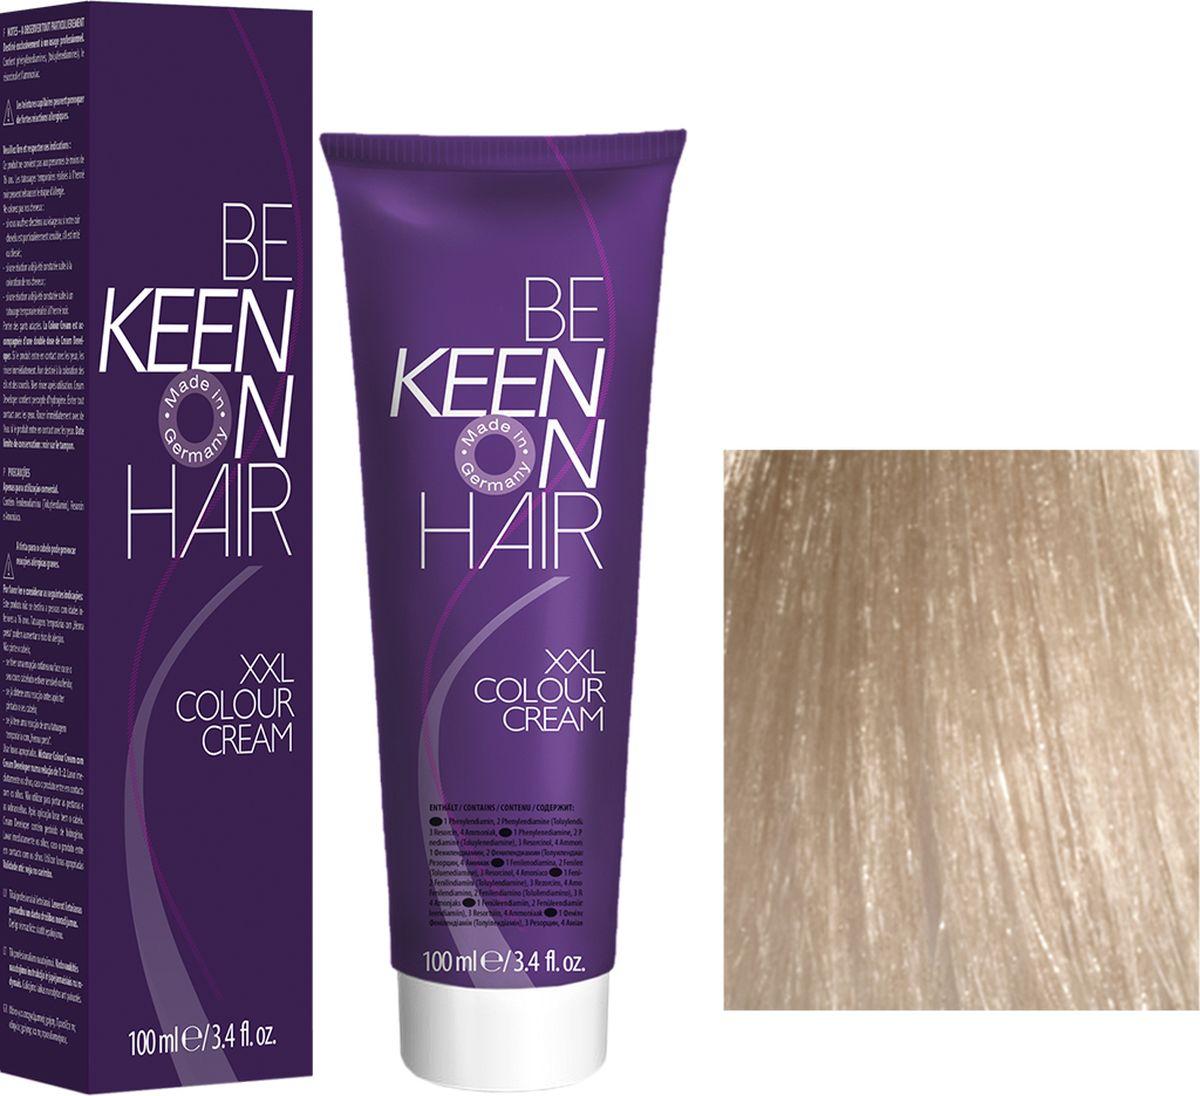 Keen Краска для волос 10.1 Ультра-светлый пепельный блондин Ultrahellblond Asch, 100 мл69100097Модные оттенкиБолее 100 оттенков для креативной комбинации цветов.ЭкономичностьПри использовании тюбика 100 мл вы получаете оптимальное соотношение цены и качества!УходМолочный белок поддерживает структуру волоса во время окрашивания и придает волосам блеск и шелковистость. Протеины хорошо встраиваются в волосы и снабжают их влагой.